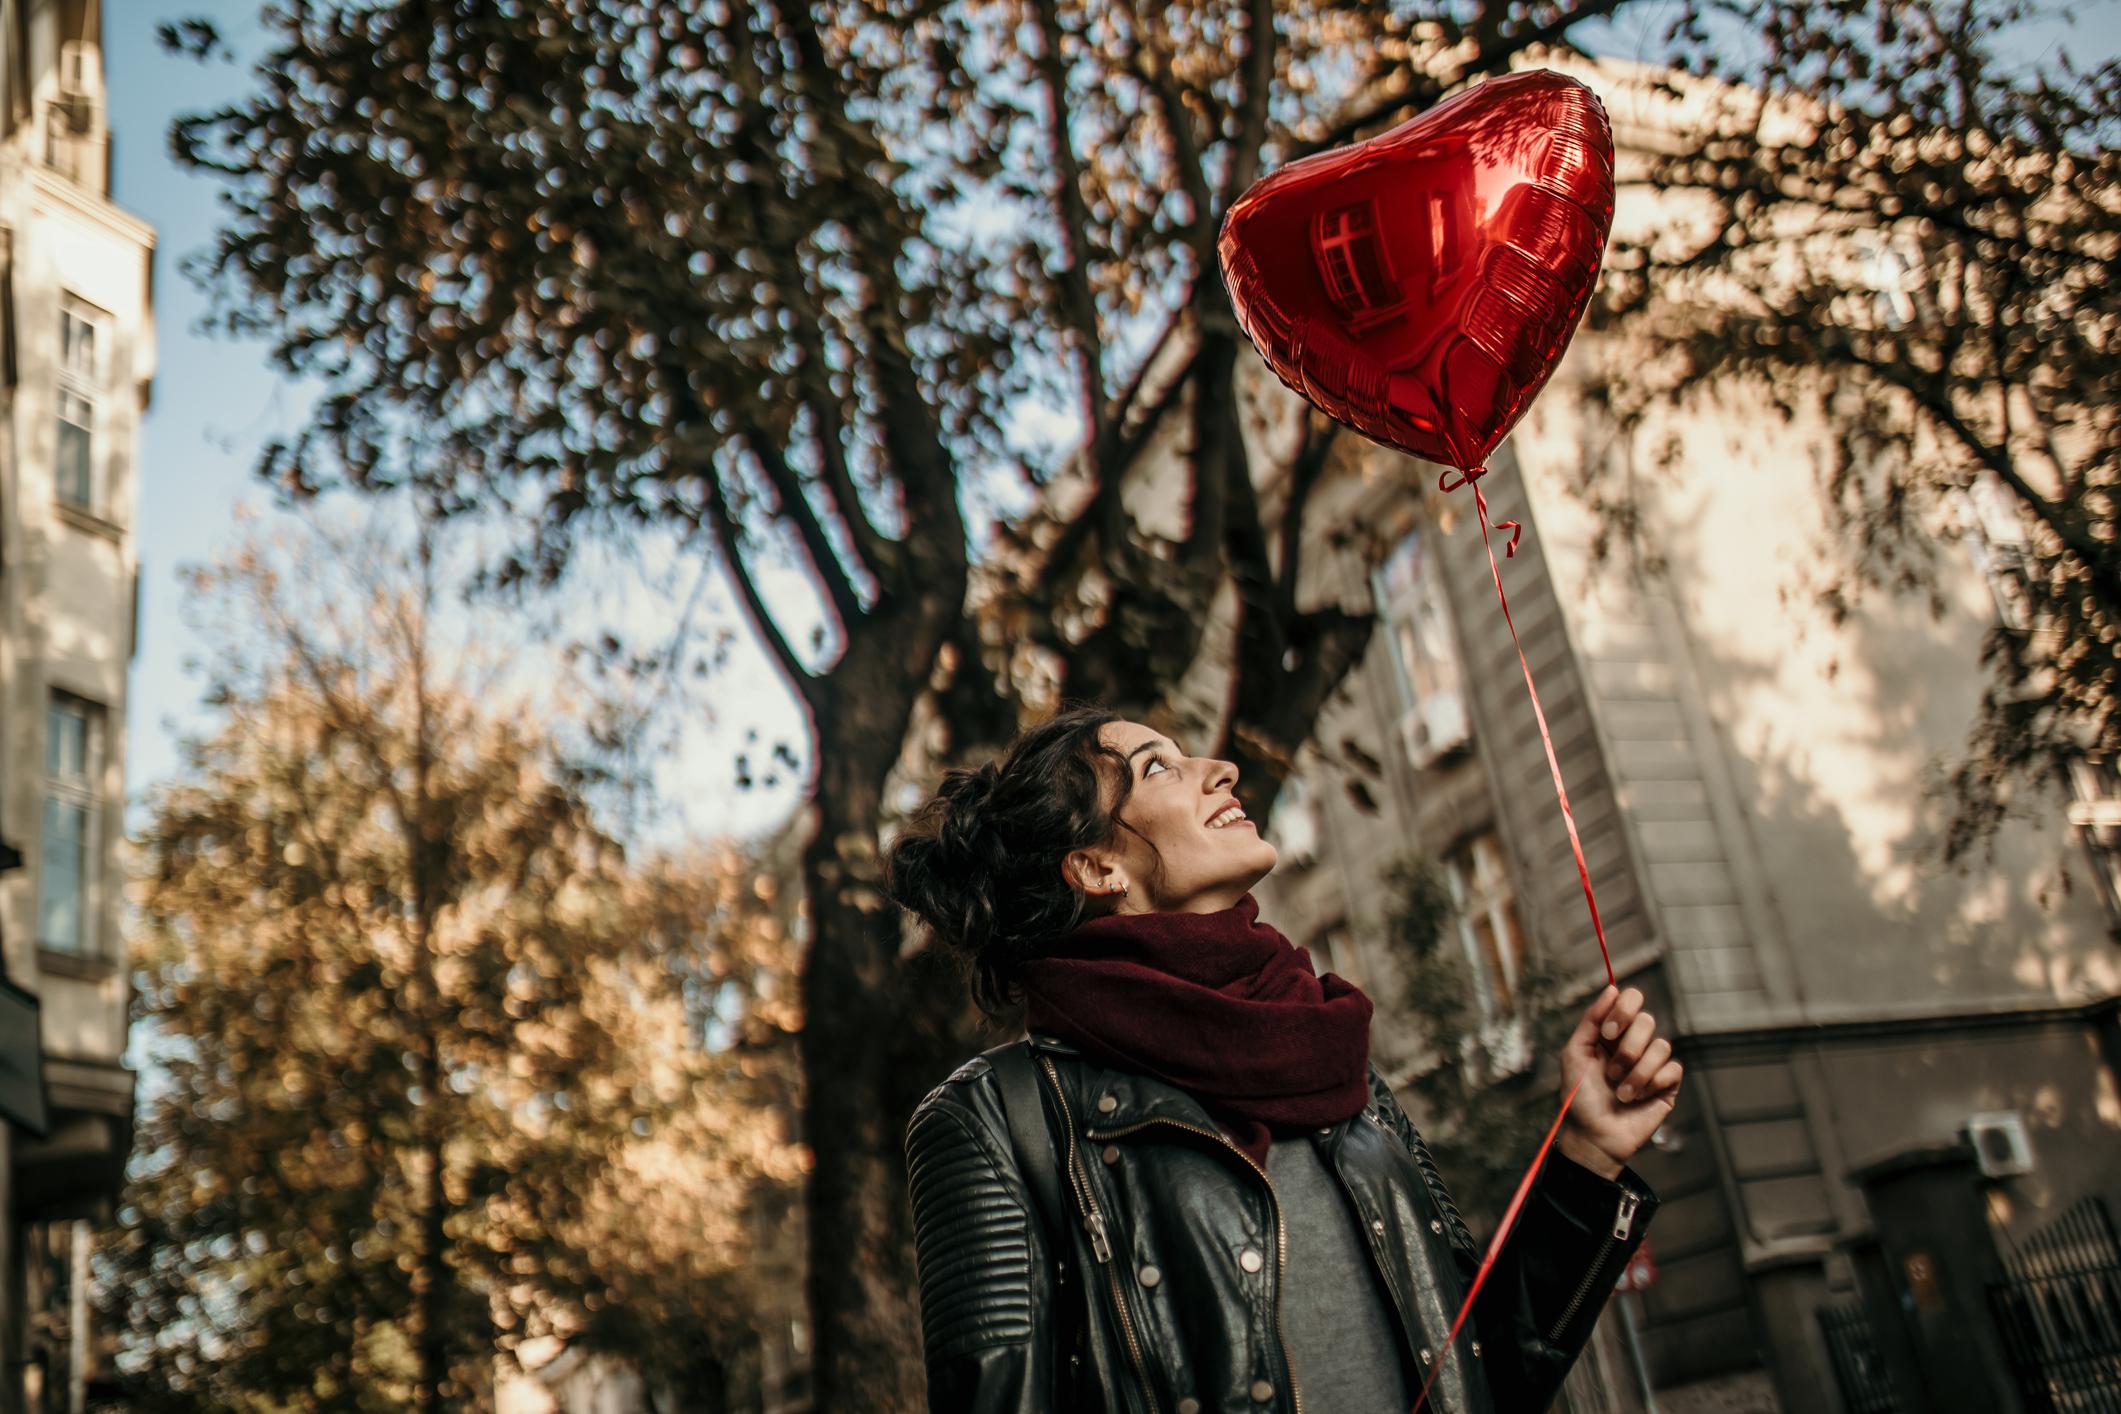 Ako ste i sami solo na Valentinovo, poklonite pažnju onome tko je najviše zaslužuje - sebi.